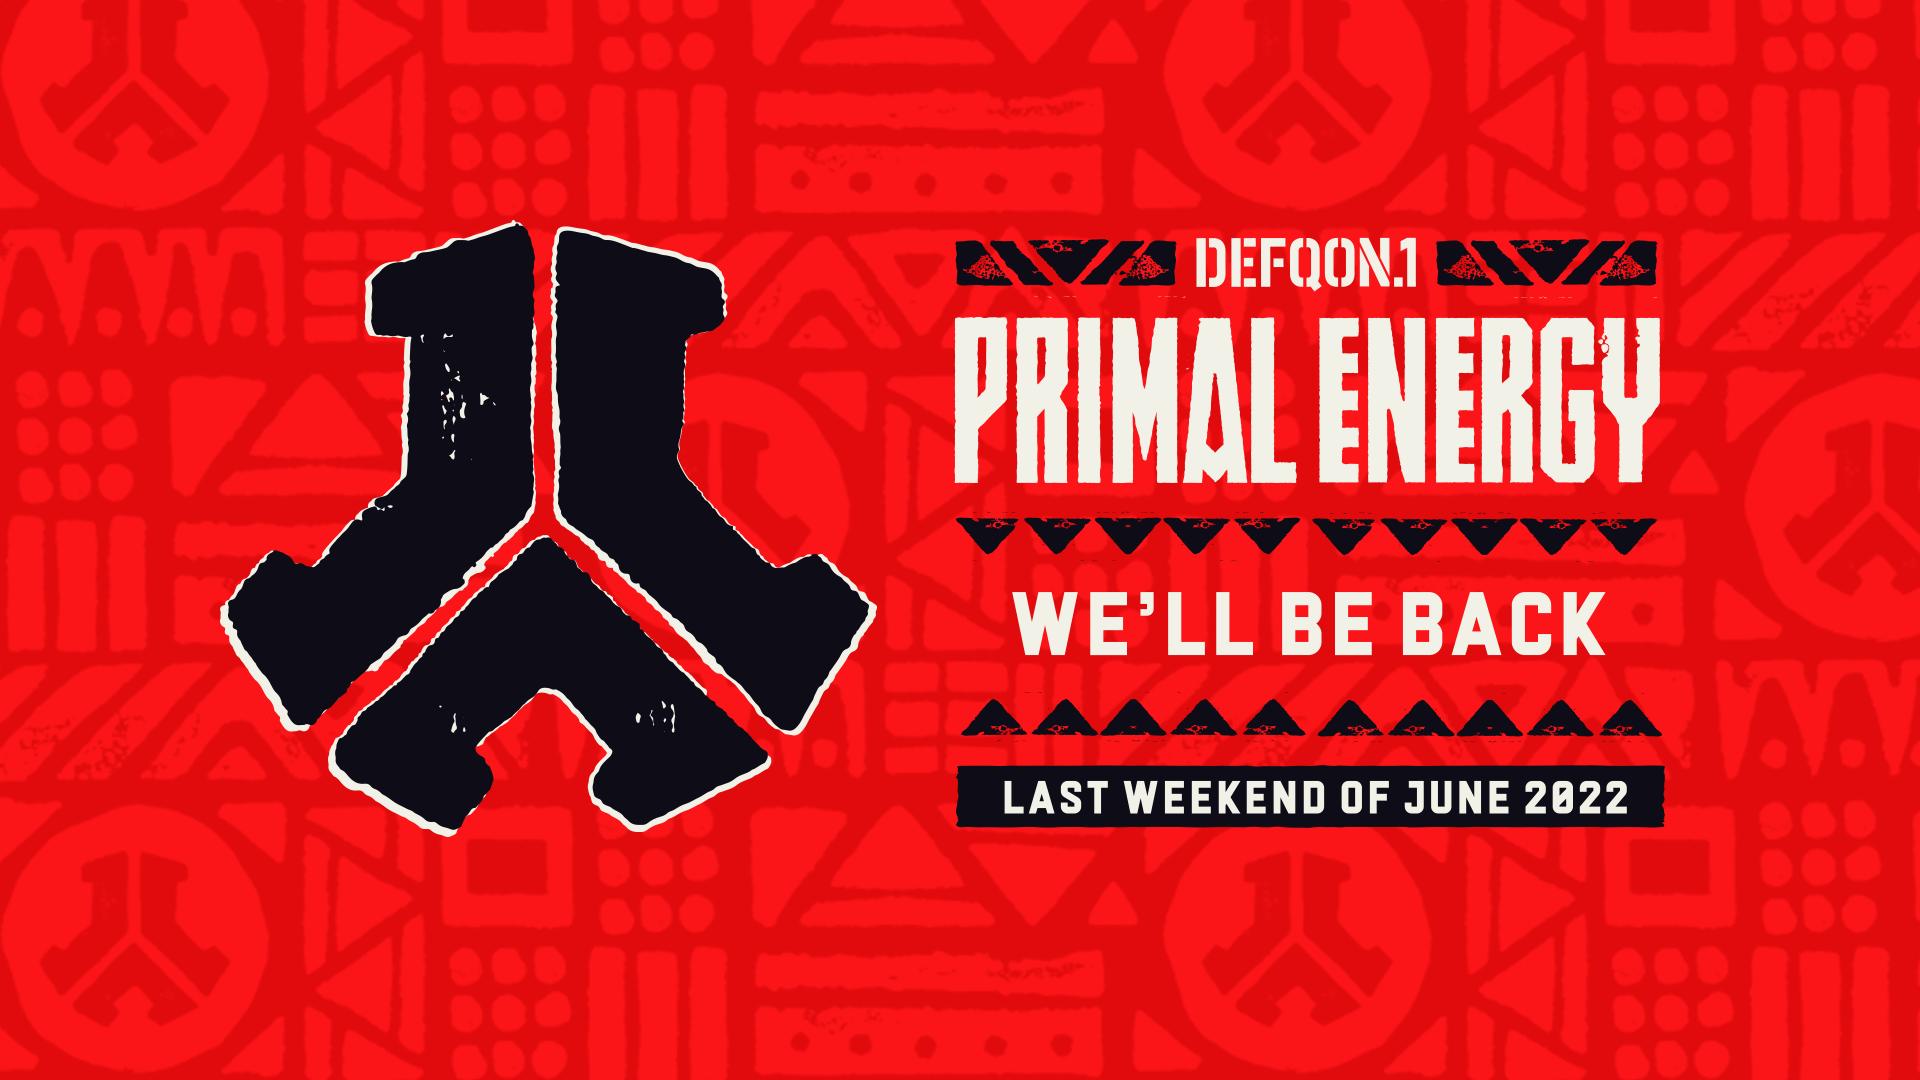 Defqon.1 Primal Energy